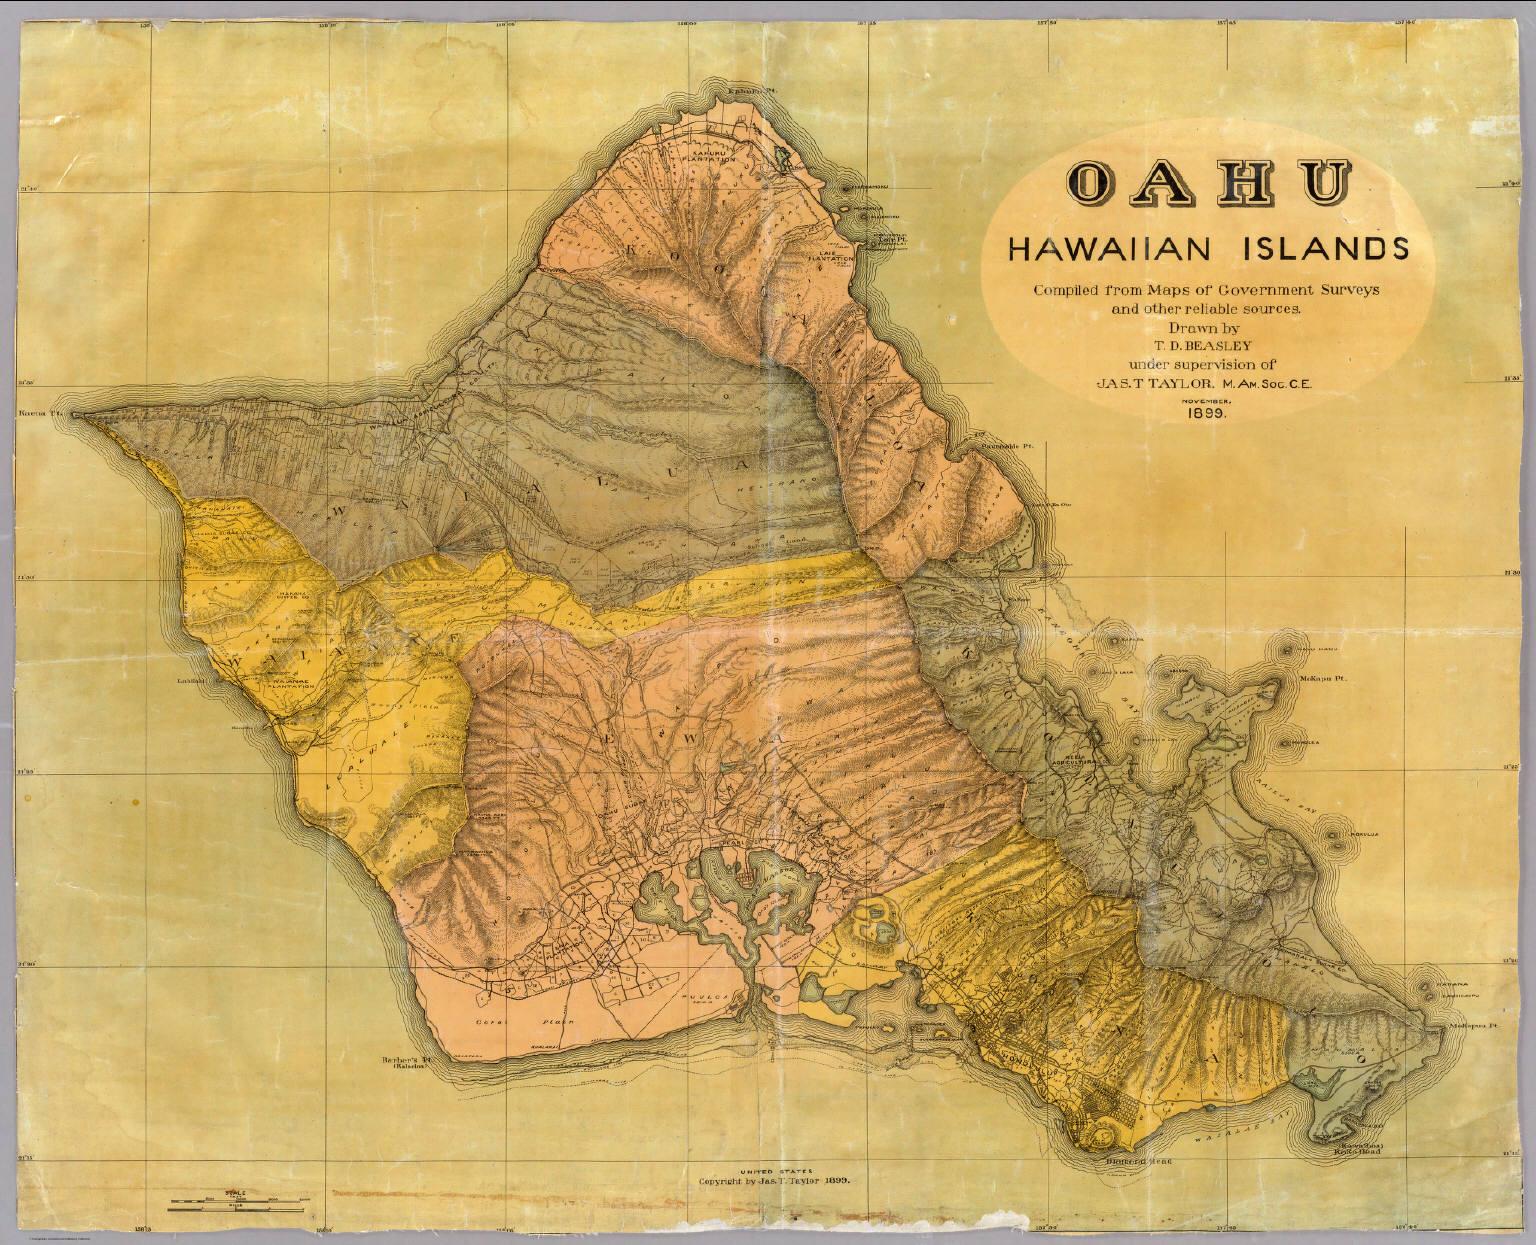 Oahu Hawaiian Islands Beasley T D Taylor Jas T 1899